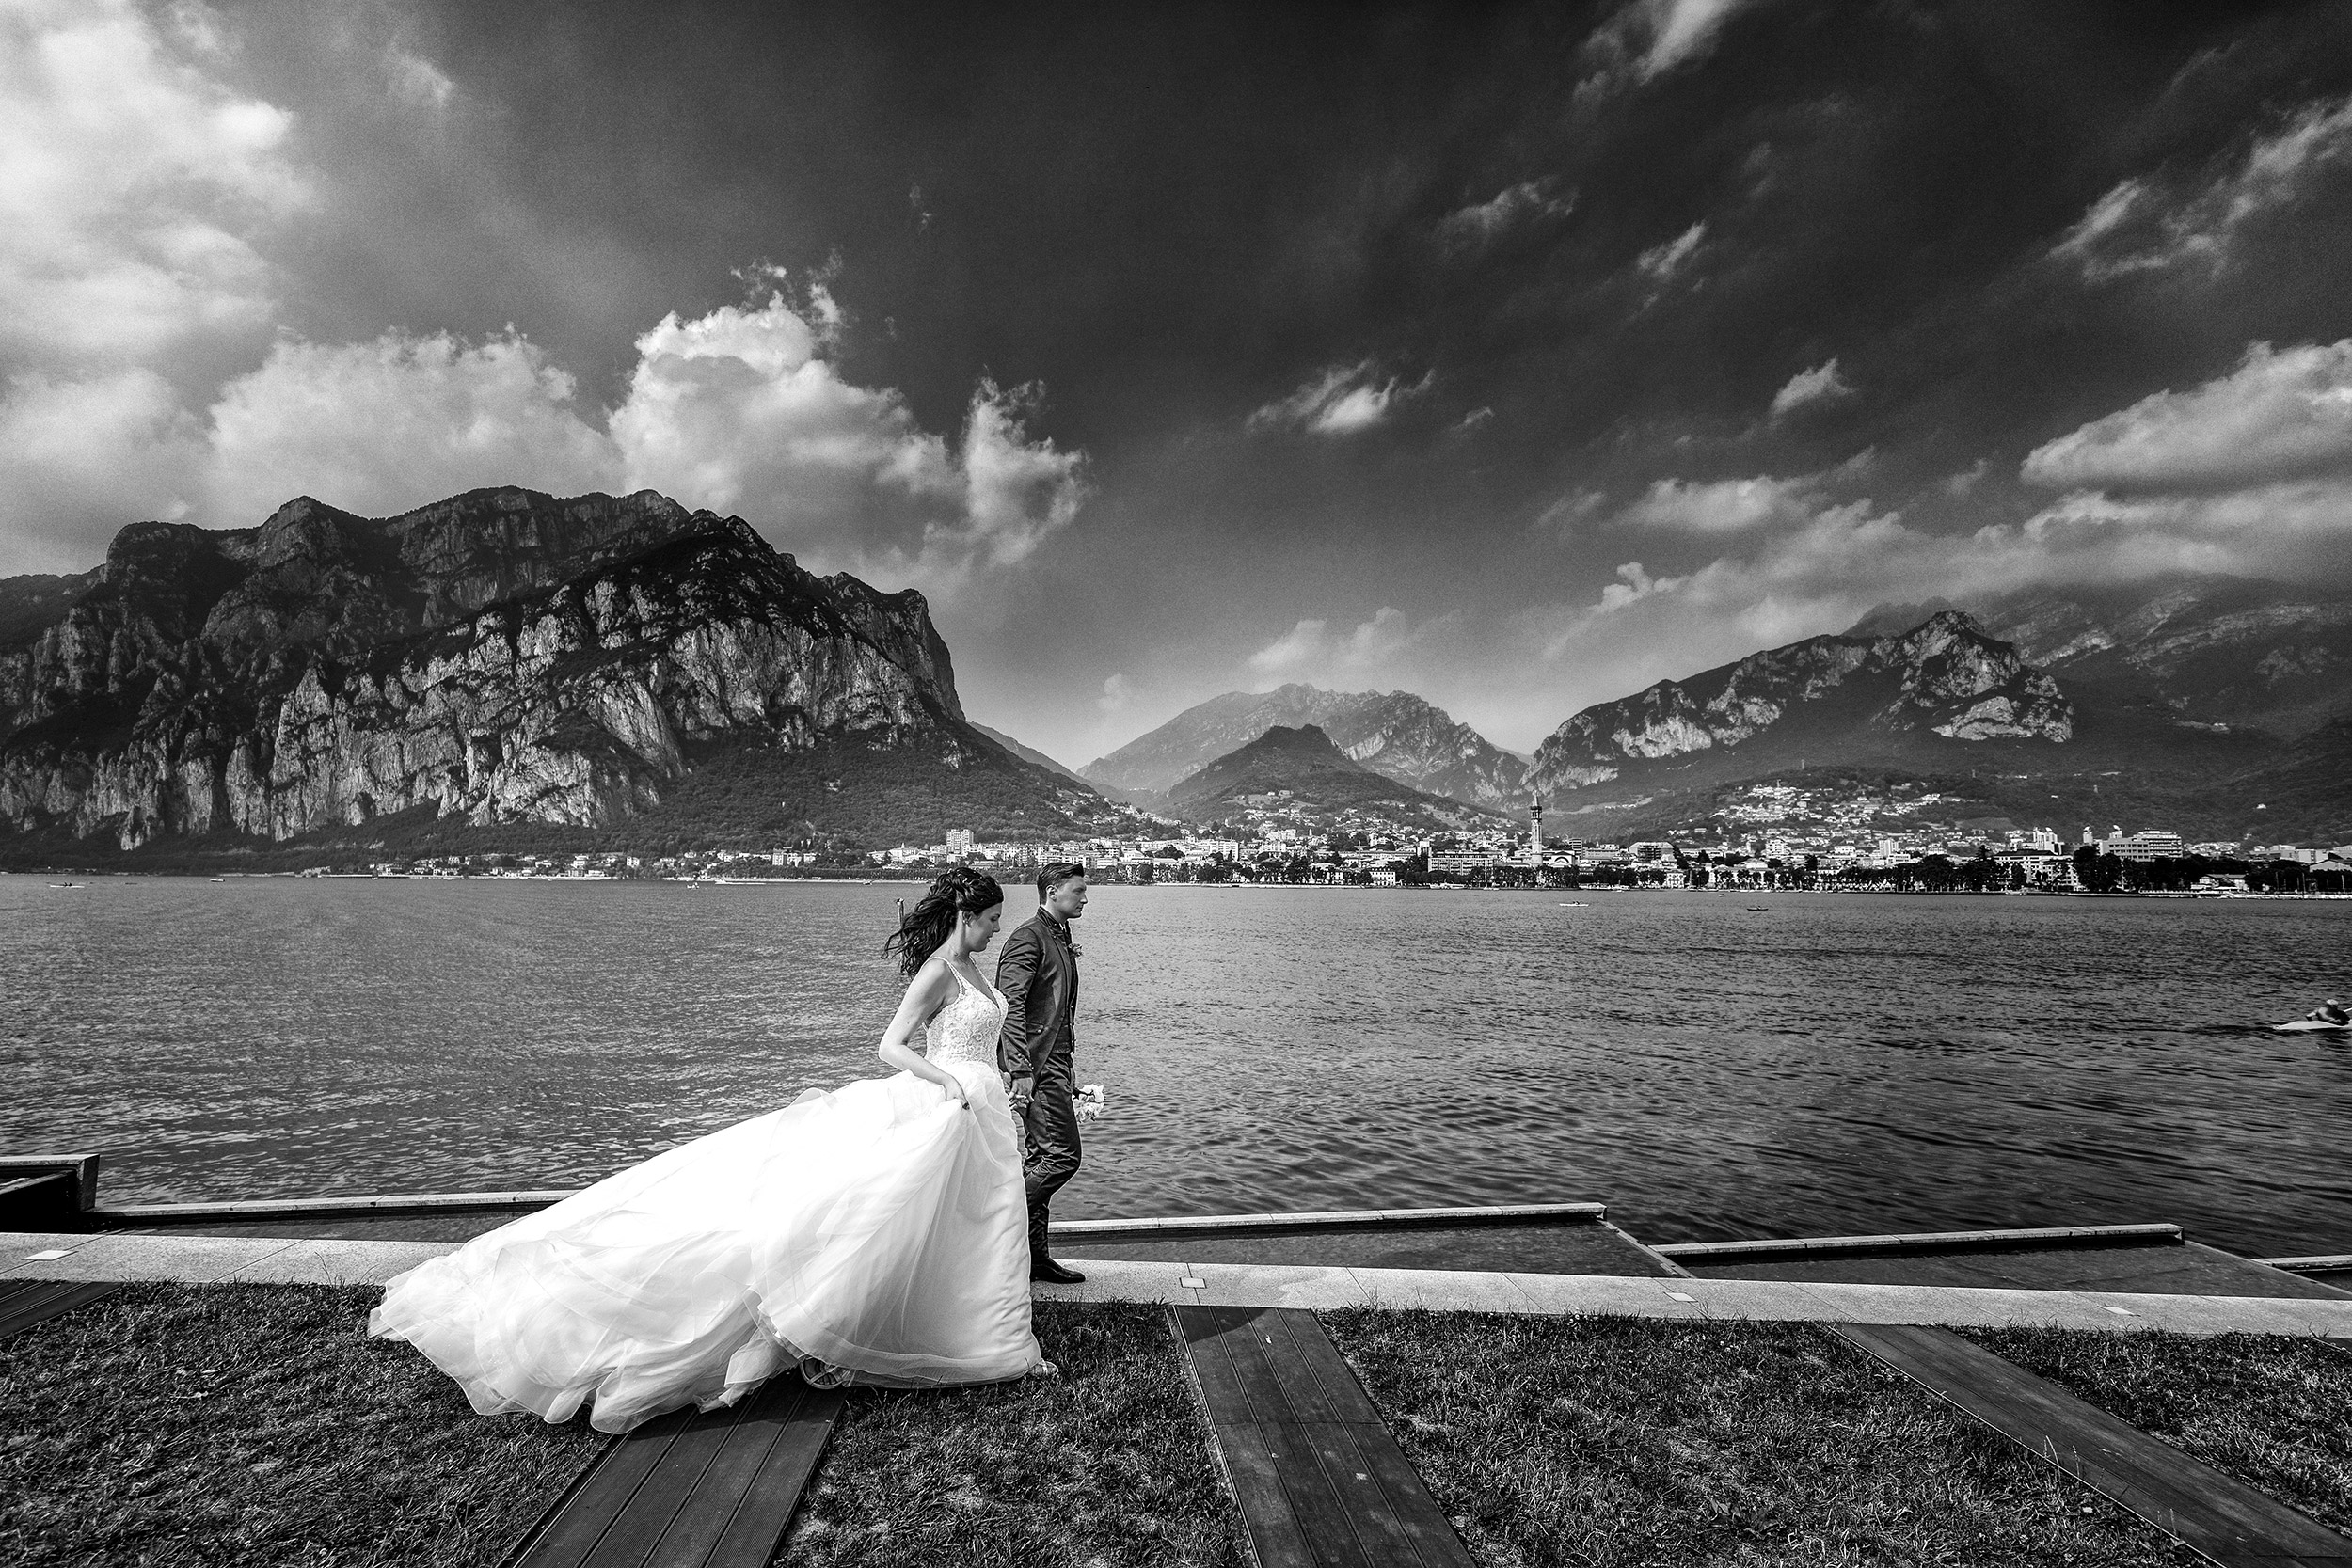 000 reportage sposi foto matrimonio lungolago malgrate lago como wedding lecco 1